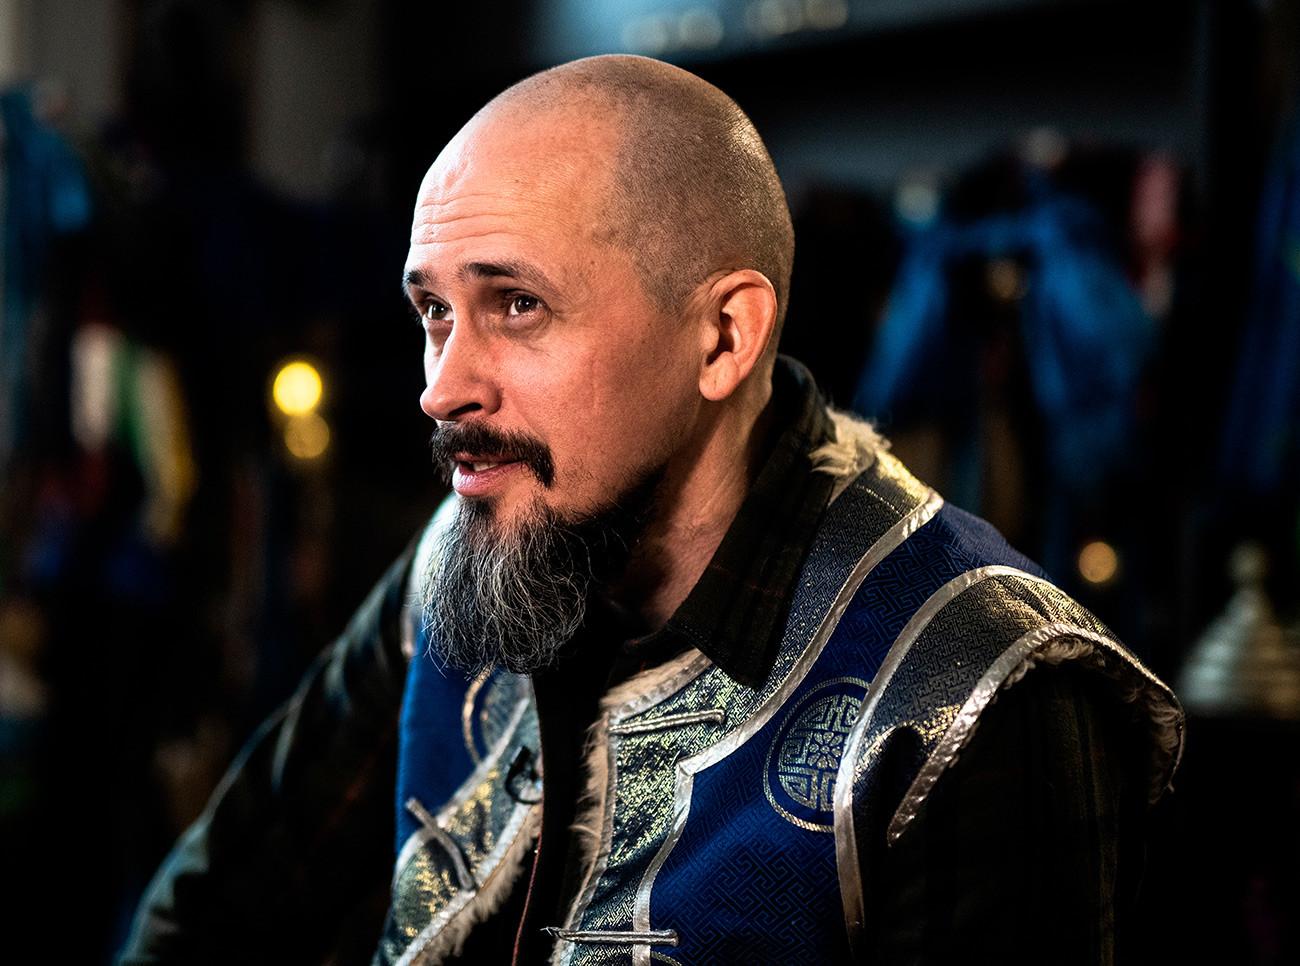 Челябински шаман, певец, музикант, изпълнител на различни стилове и експерт по оцеляване Тюрген Кам.